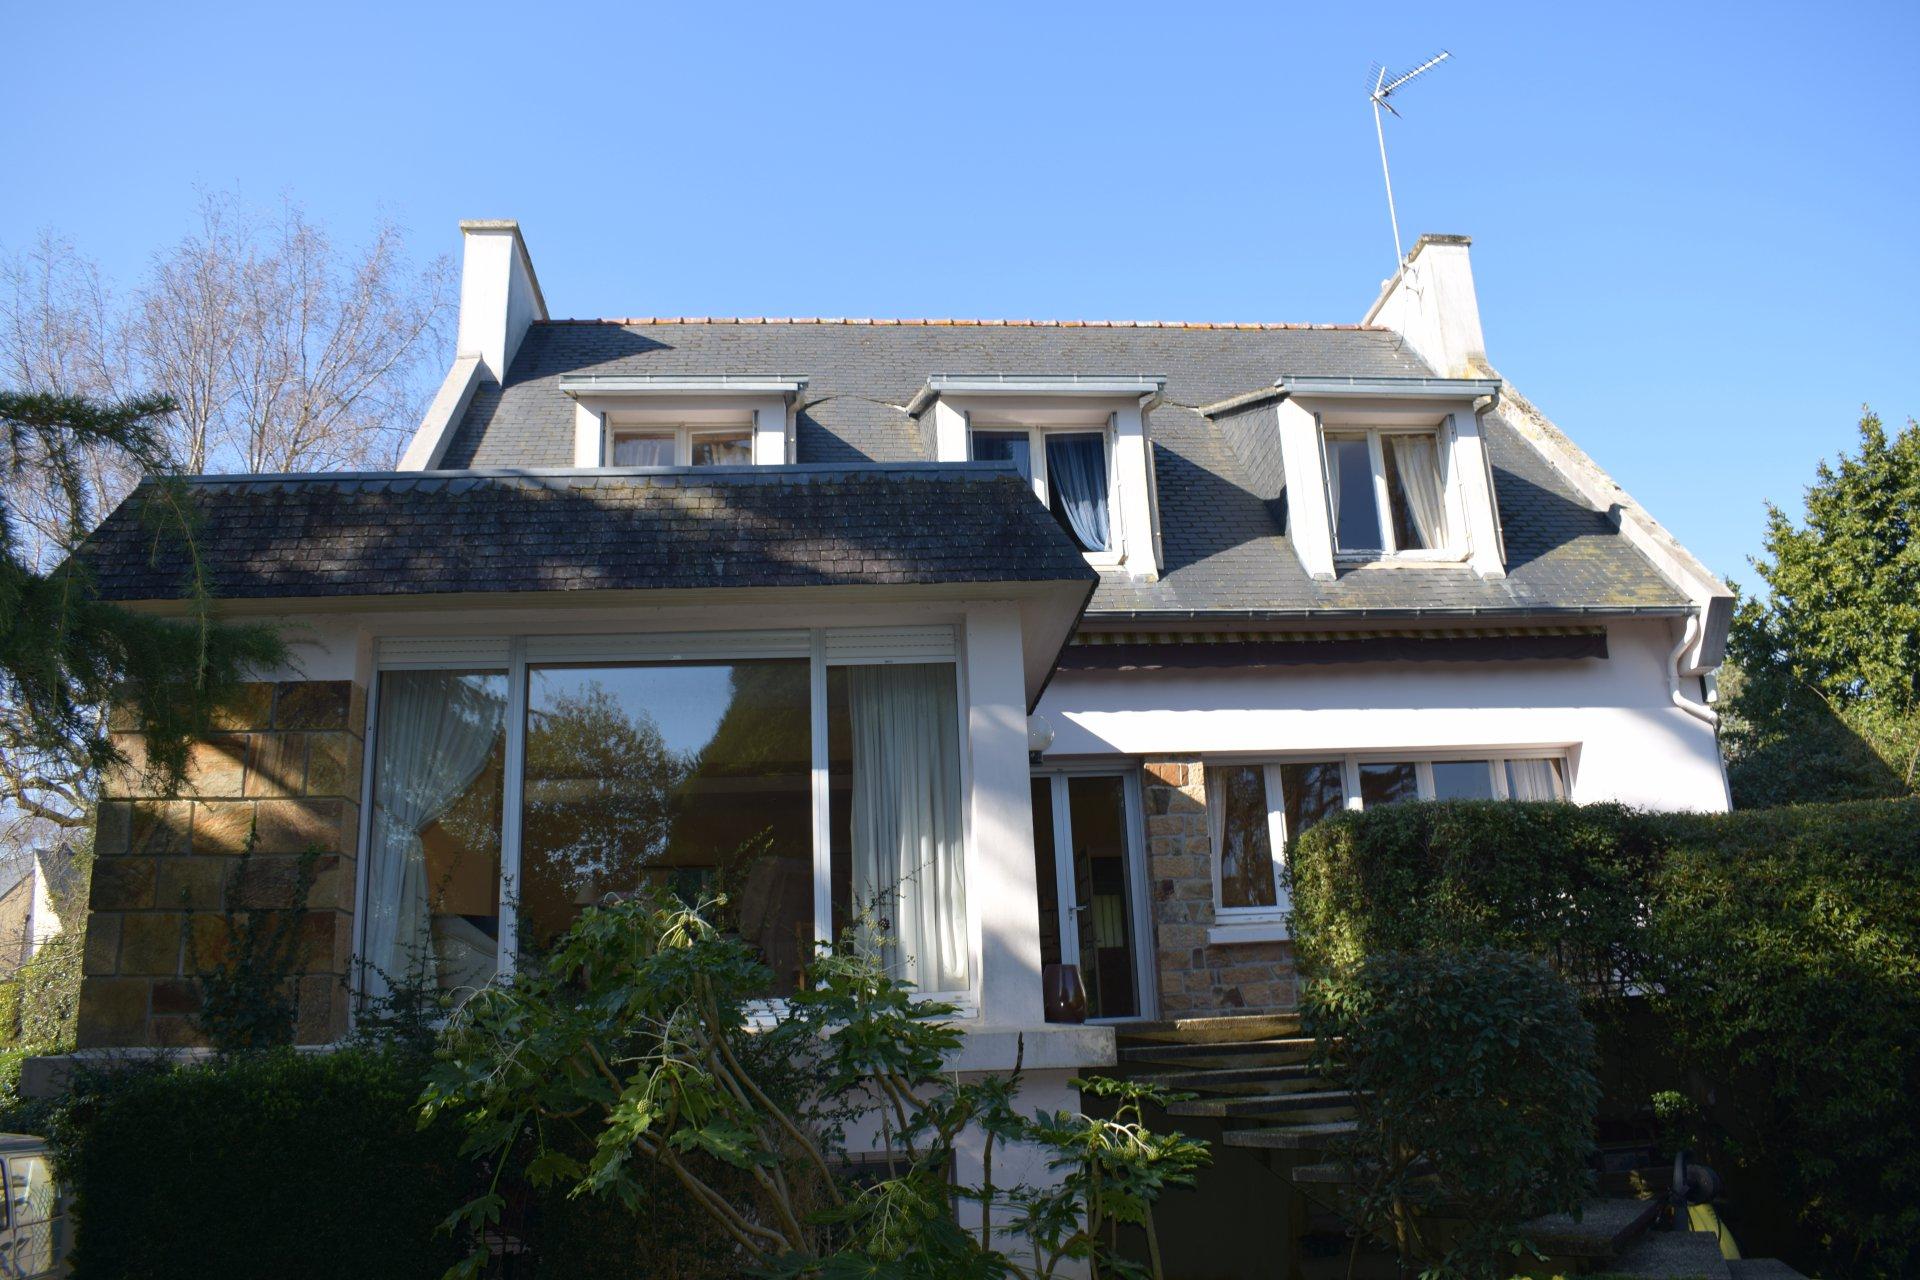 EXCEPTIONNEL - BELLE VUE SUR L'ANSE - PARC ARBORÉ DE 3900 M2